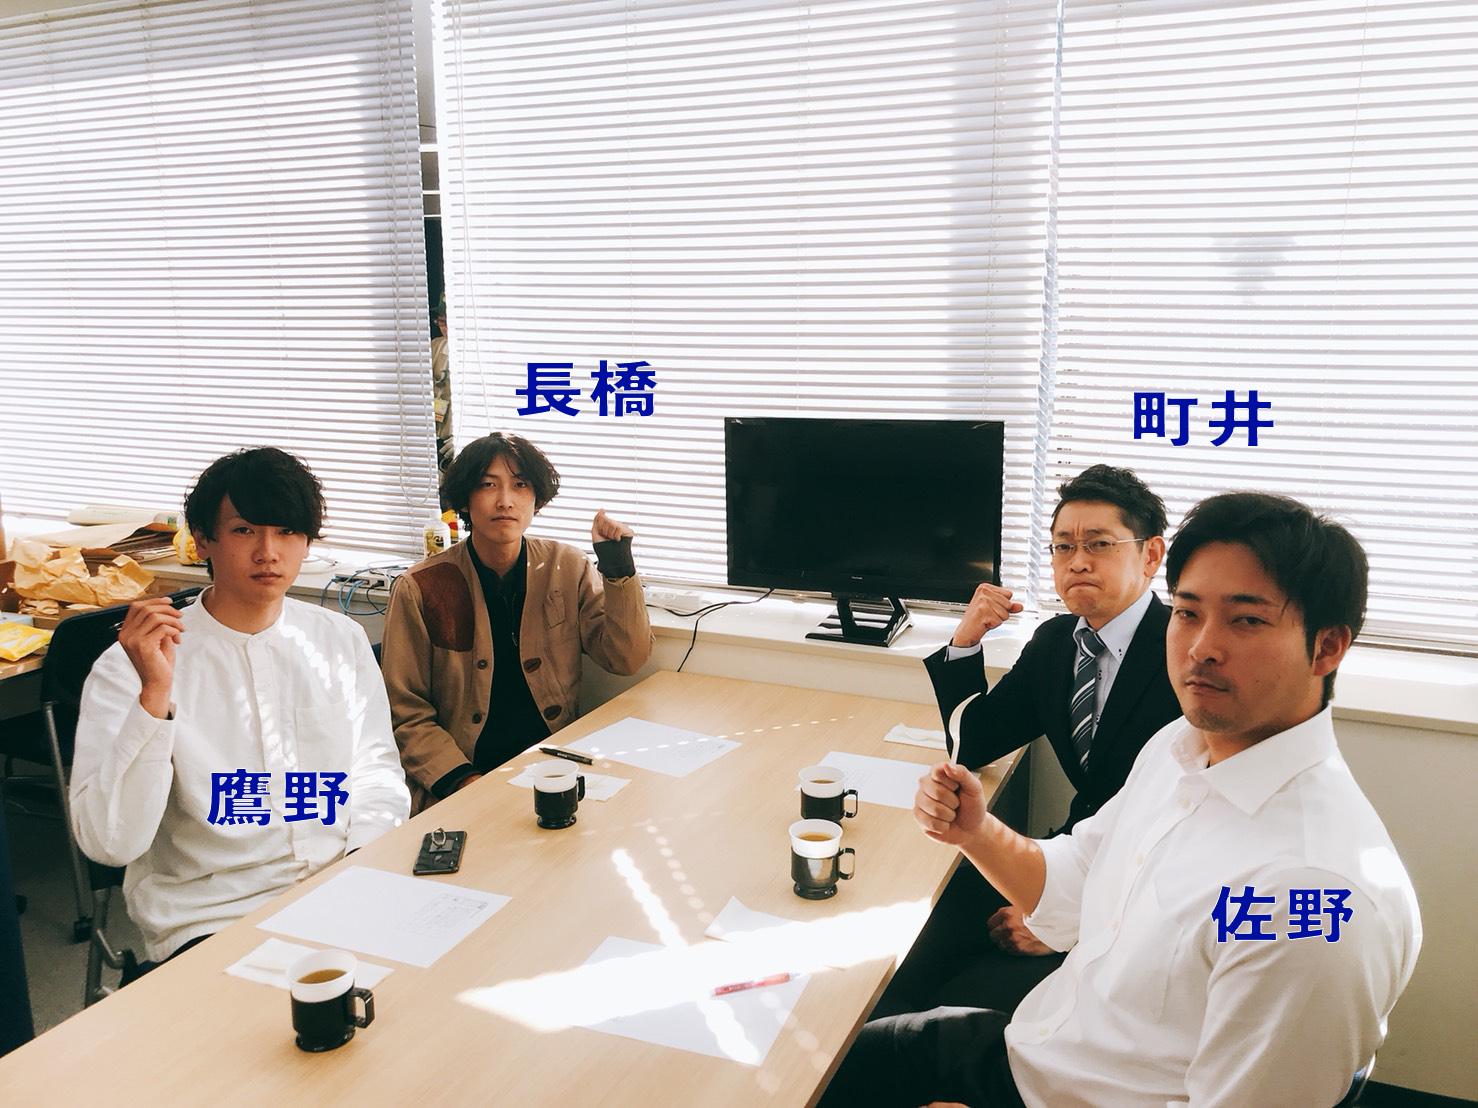 チョコレート以外のバレンタイン料理対決の審査員を務める鷹野、長橋、町井、佐野